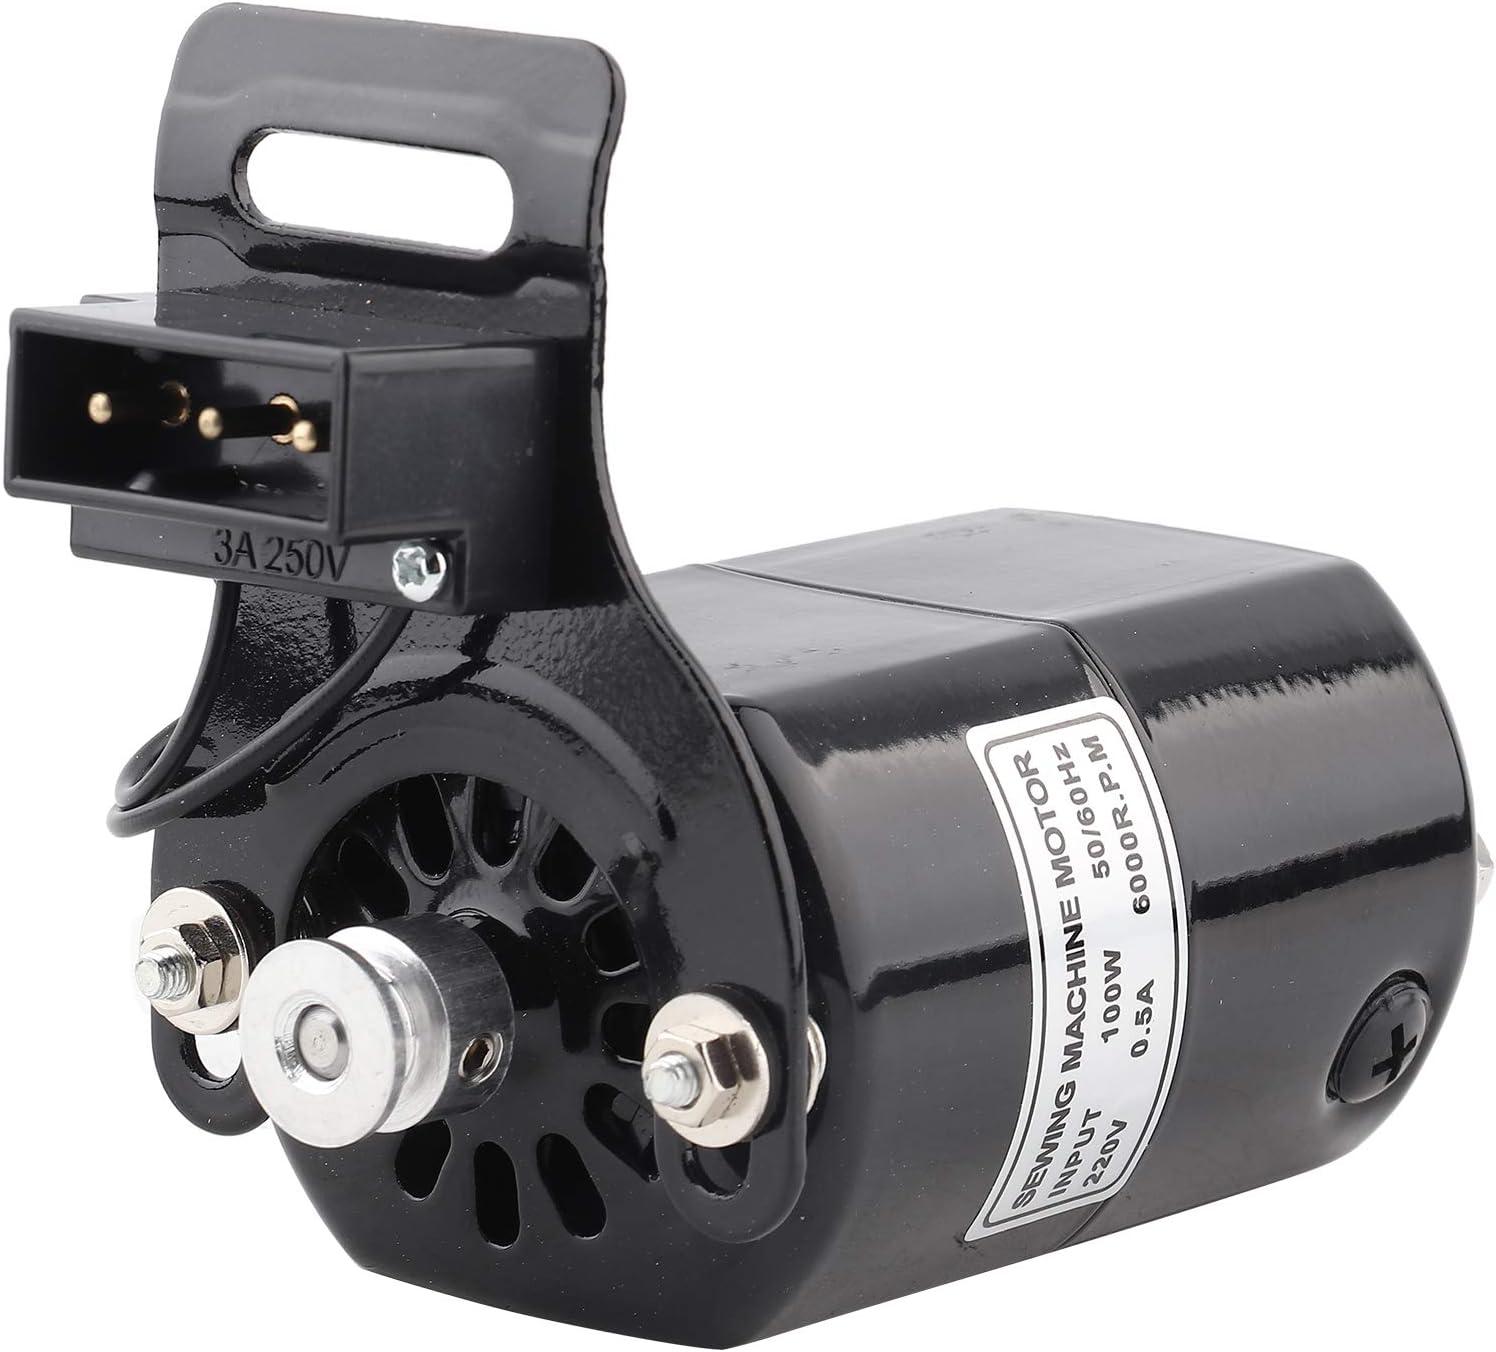 1 Uds 220V 100W Motor de Máquina de Coser para el Hogar, Juego de Motor de Costura de 6000 RPM Soporte K 0,5 AMP en el Interior Contiene Controlador Electrónico